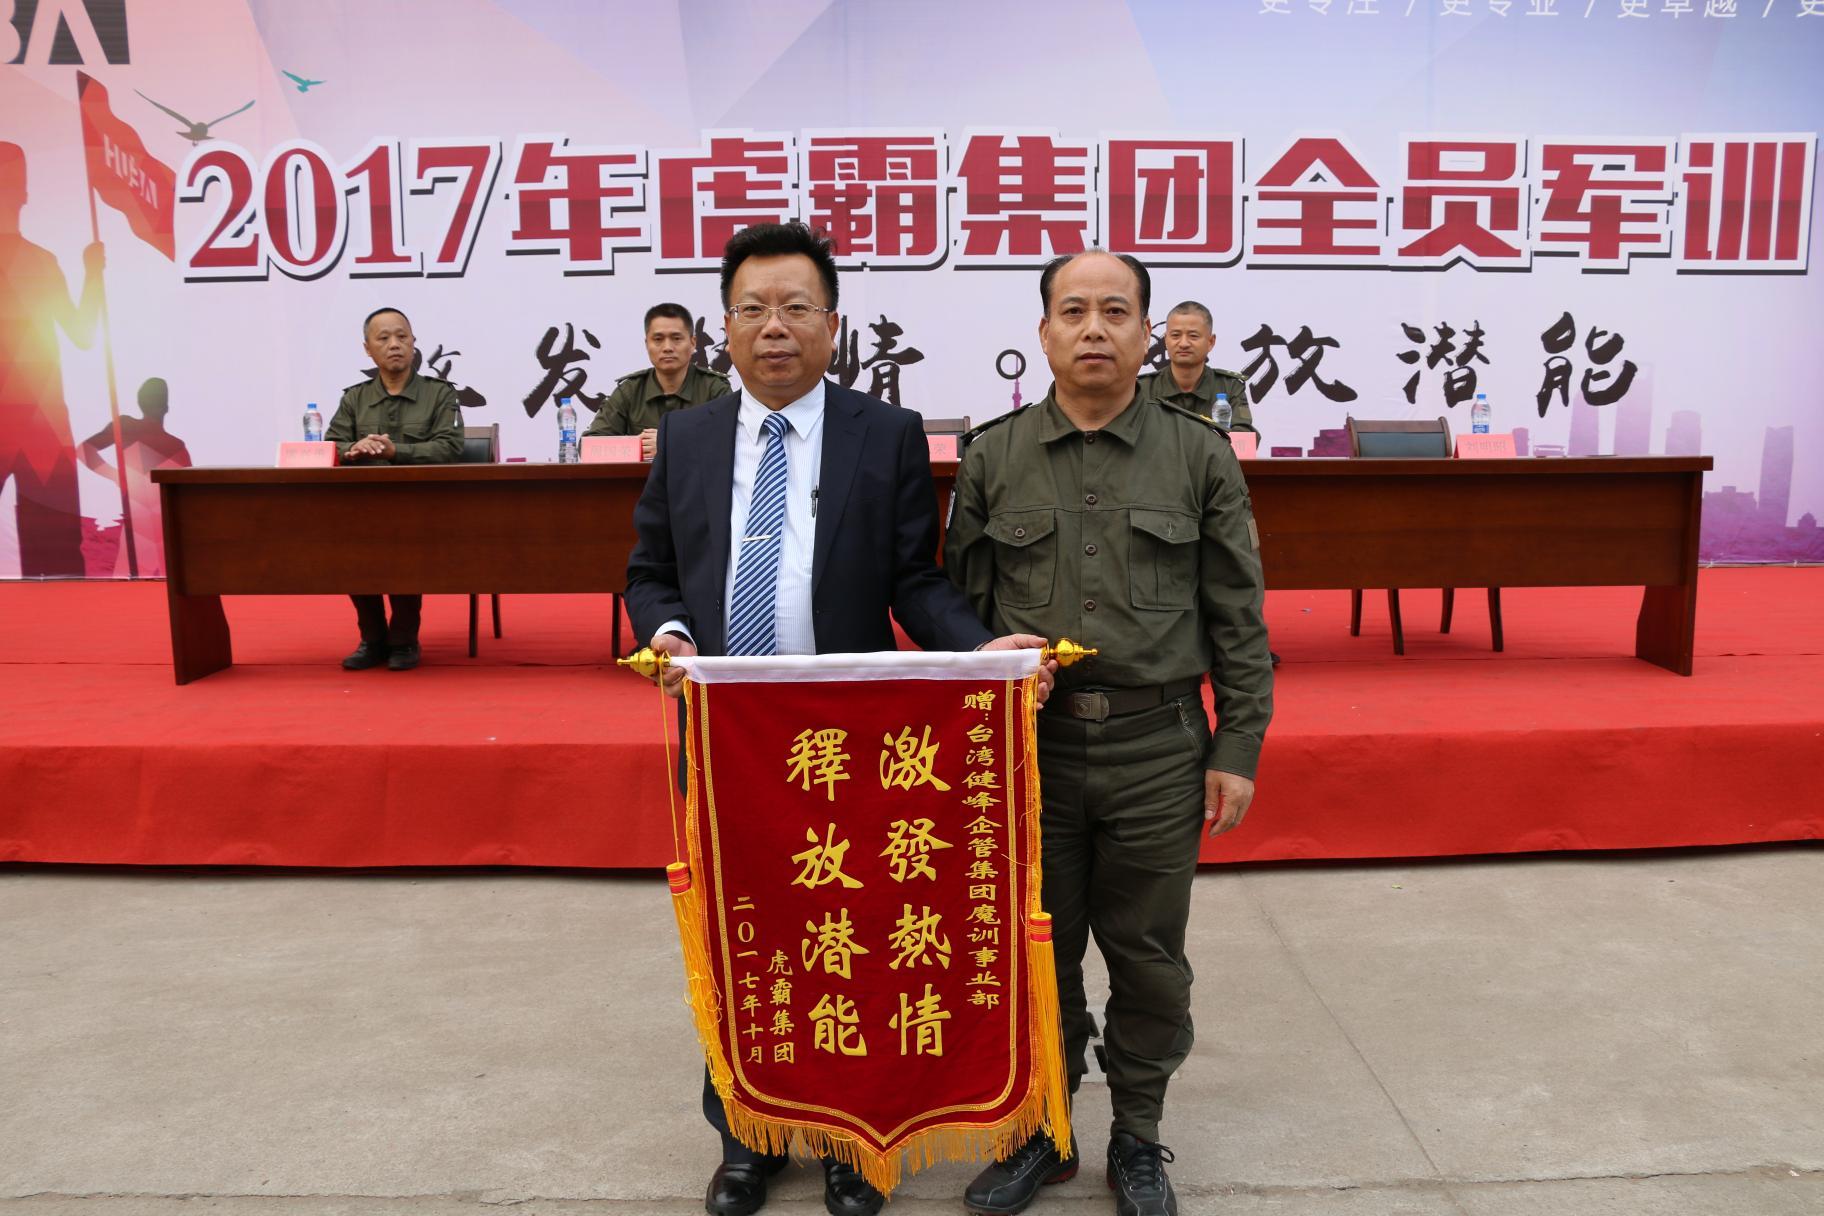 2017年虎霸集团全员军训活动圆满举行